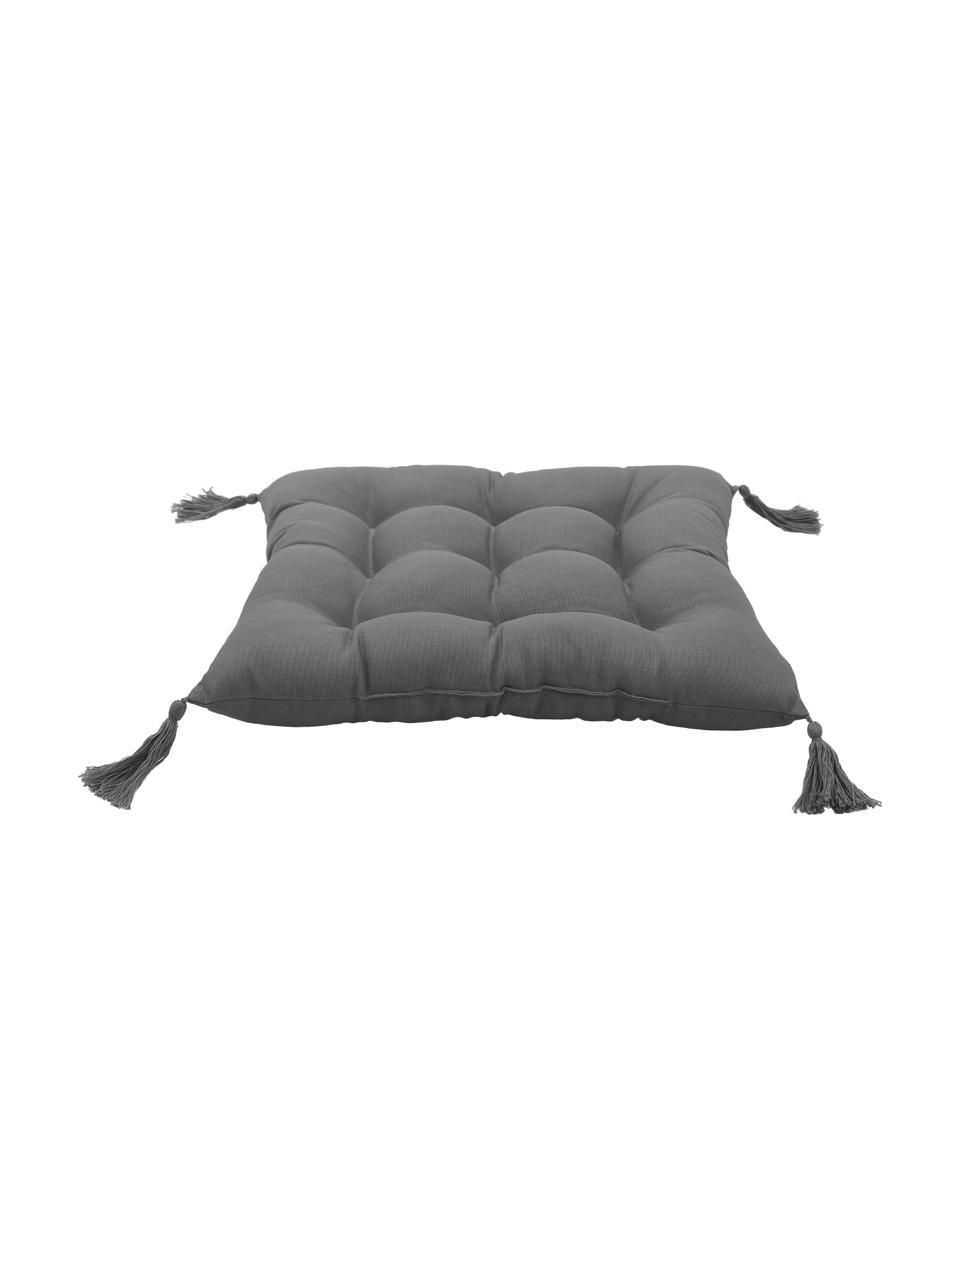 Sitzkissen Ava in Dunkelgrau mit Quasten, Bezug: 100% Baumwolle, Grau, 40 x 40 cm